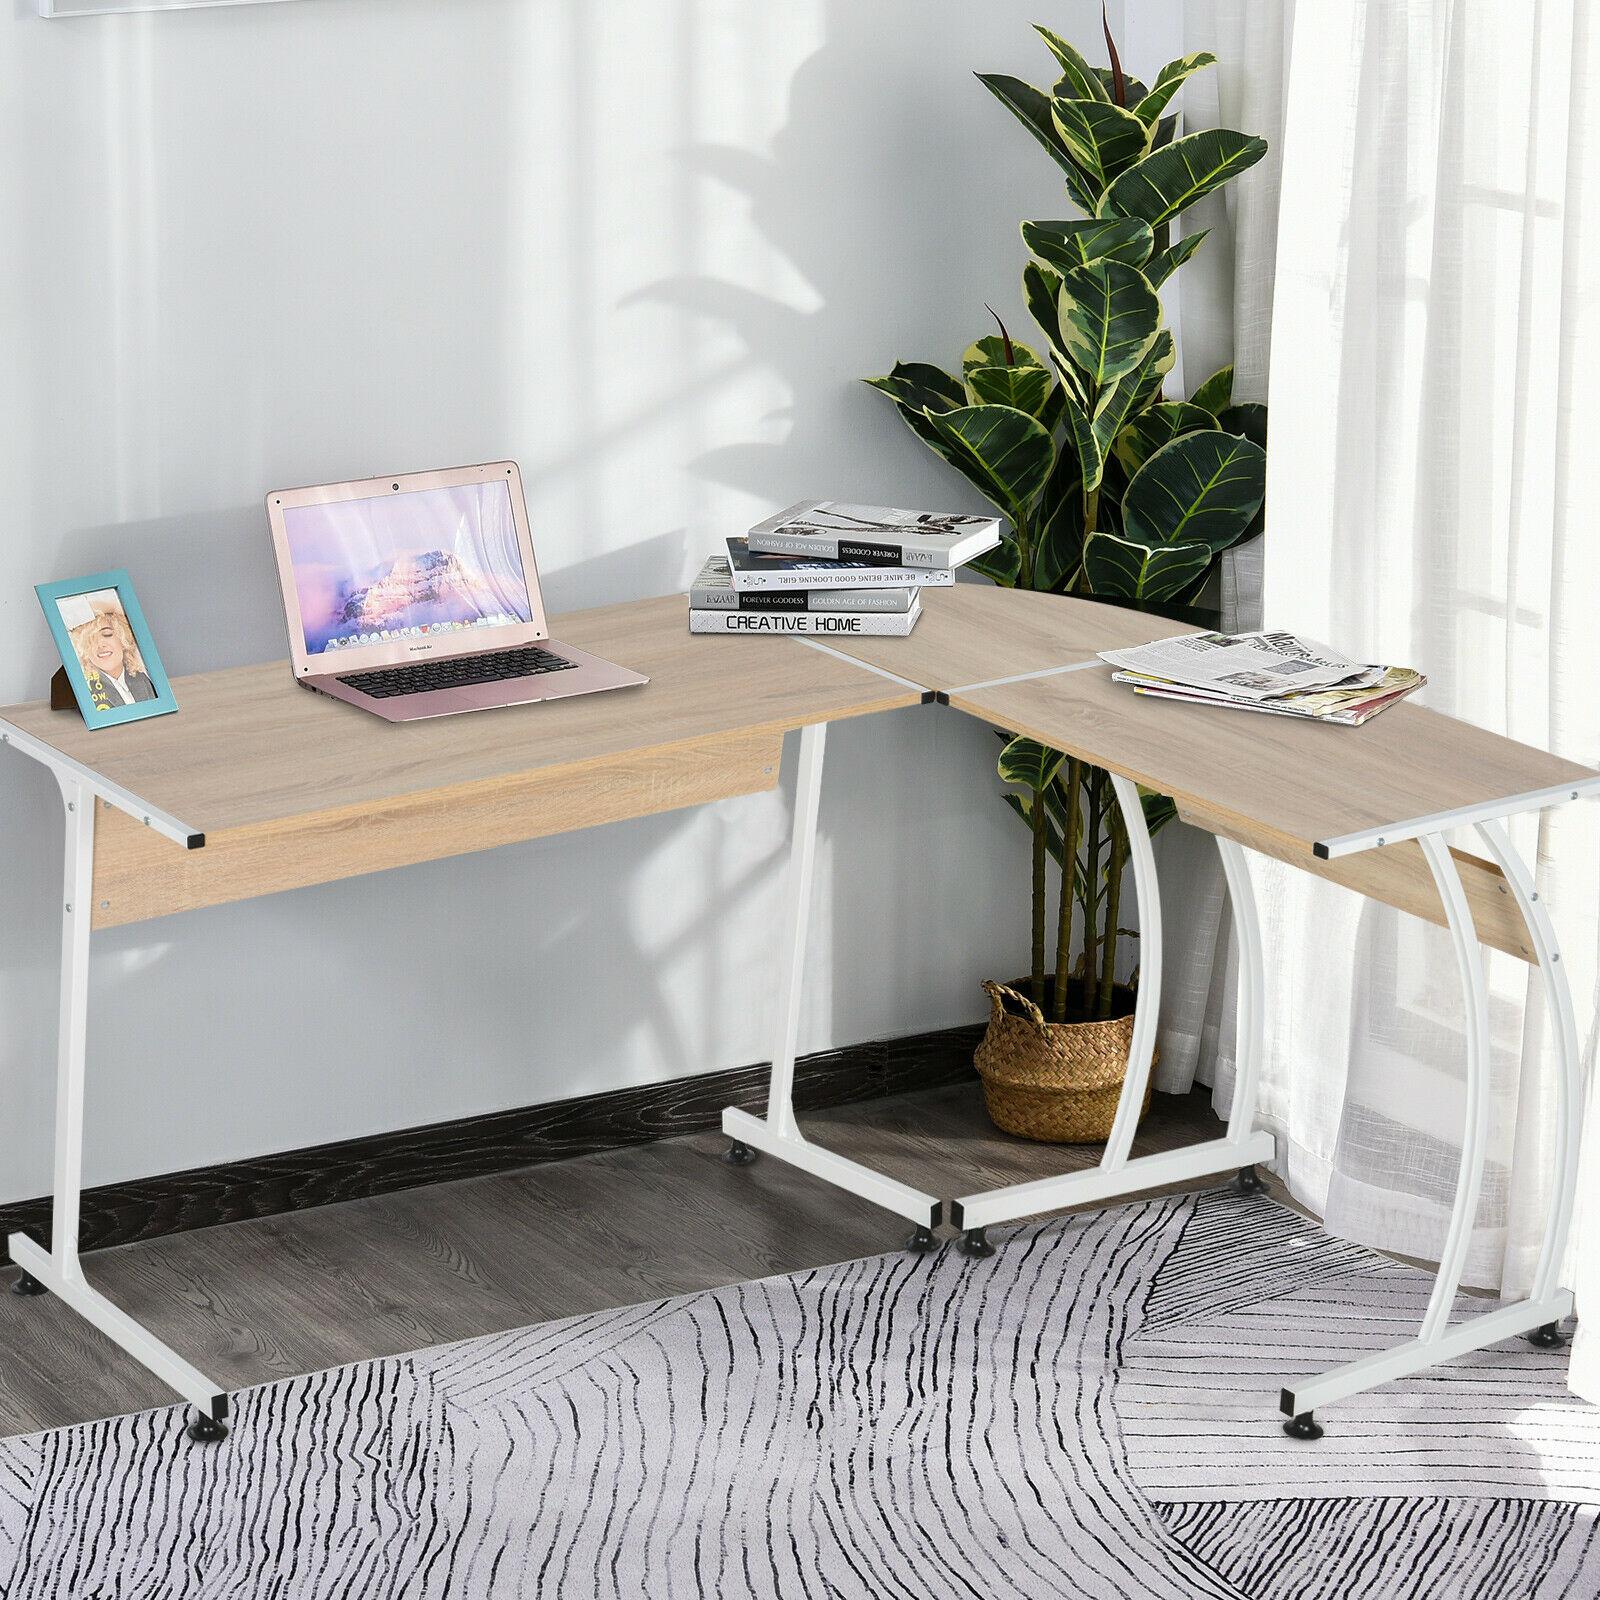 L Shaped Steel Framed Corner Desk - White / Natural - £47.99 at Checkout + Free Delivery @ eBay / 2011homcom